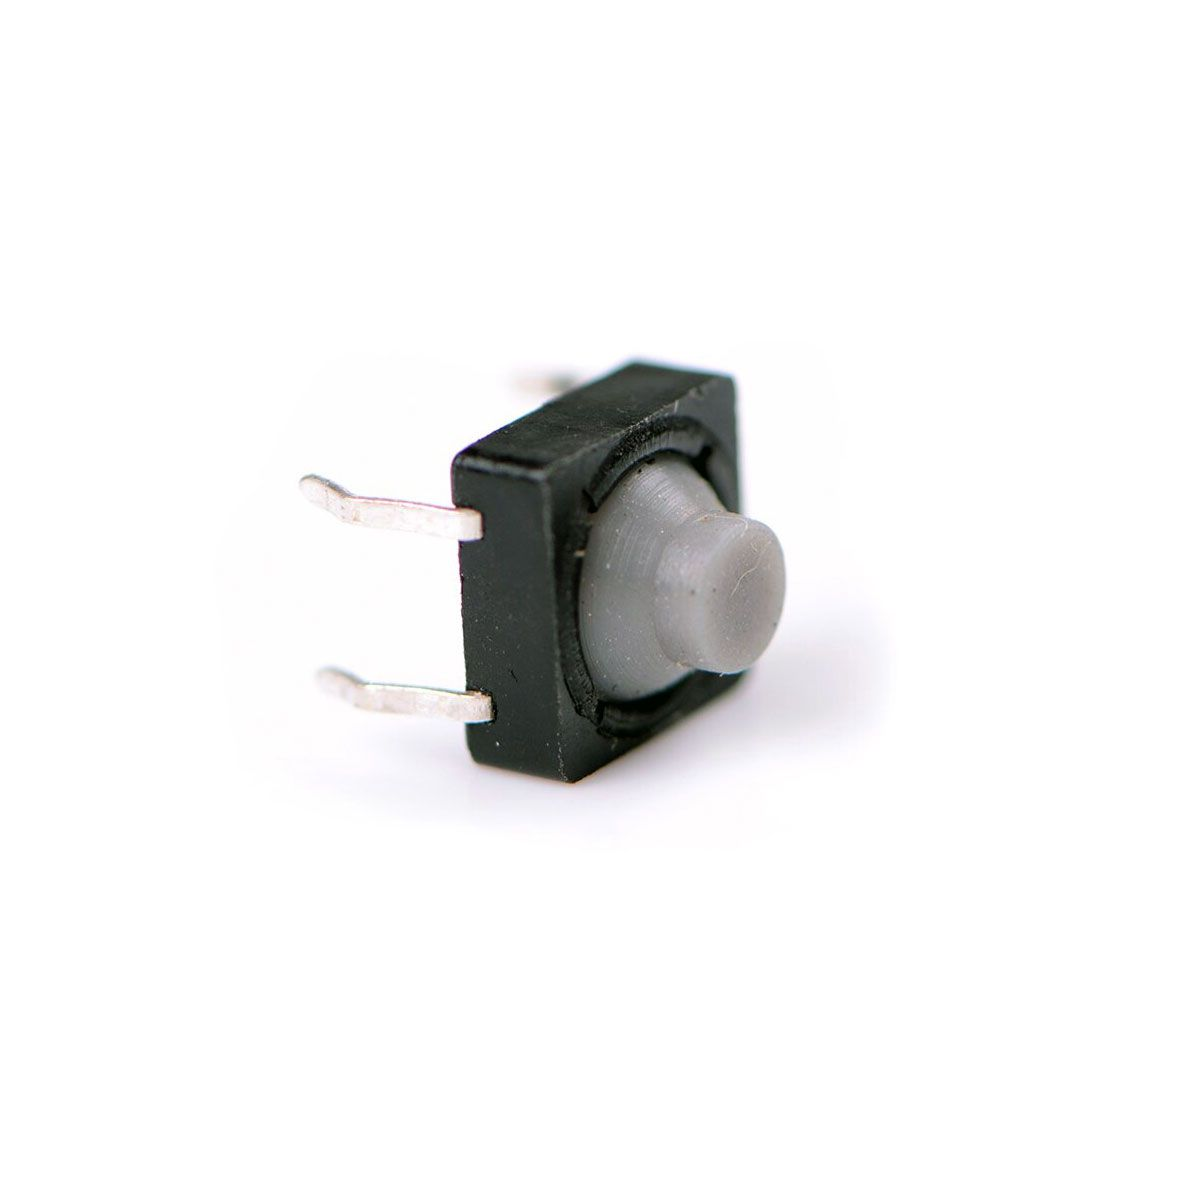 10x Chave Táctil / Botão Emborrachado 8x8 4 Terminais KLT112